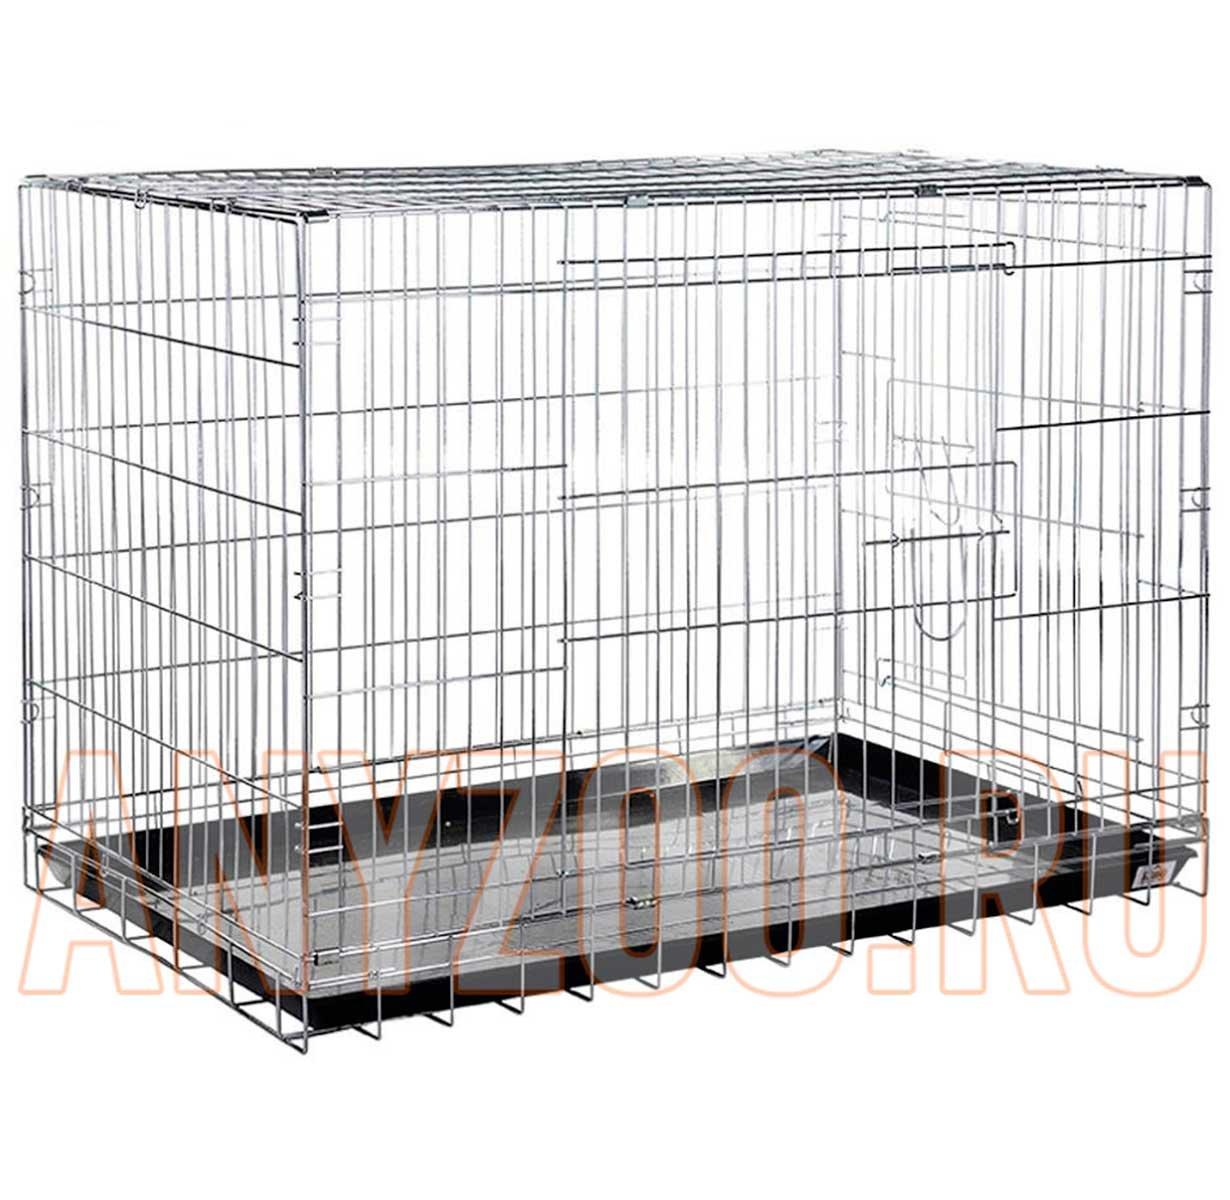 Kredo Клетка для собак 2 двери. хром,с пластмассовым поддоном 108*69*78 1шт ( Кредо клетки и вольеры для собак )